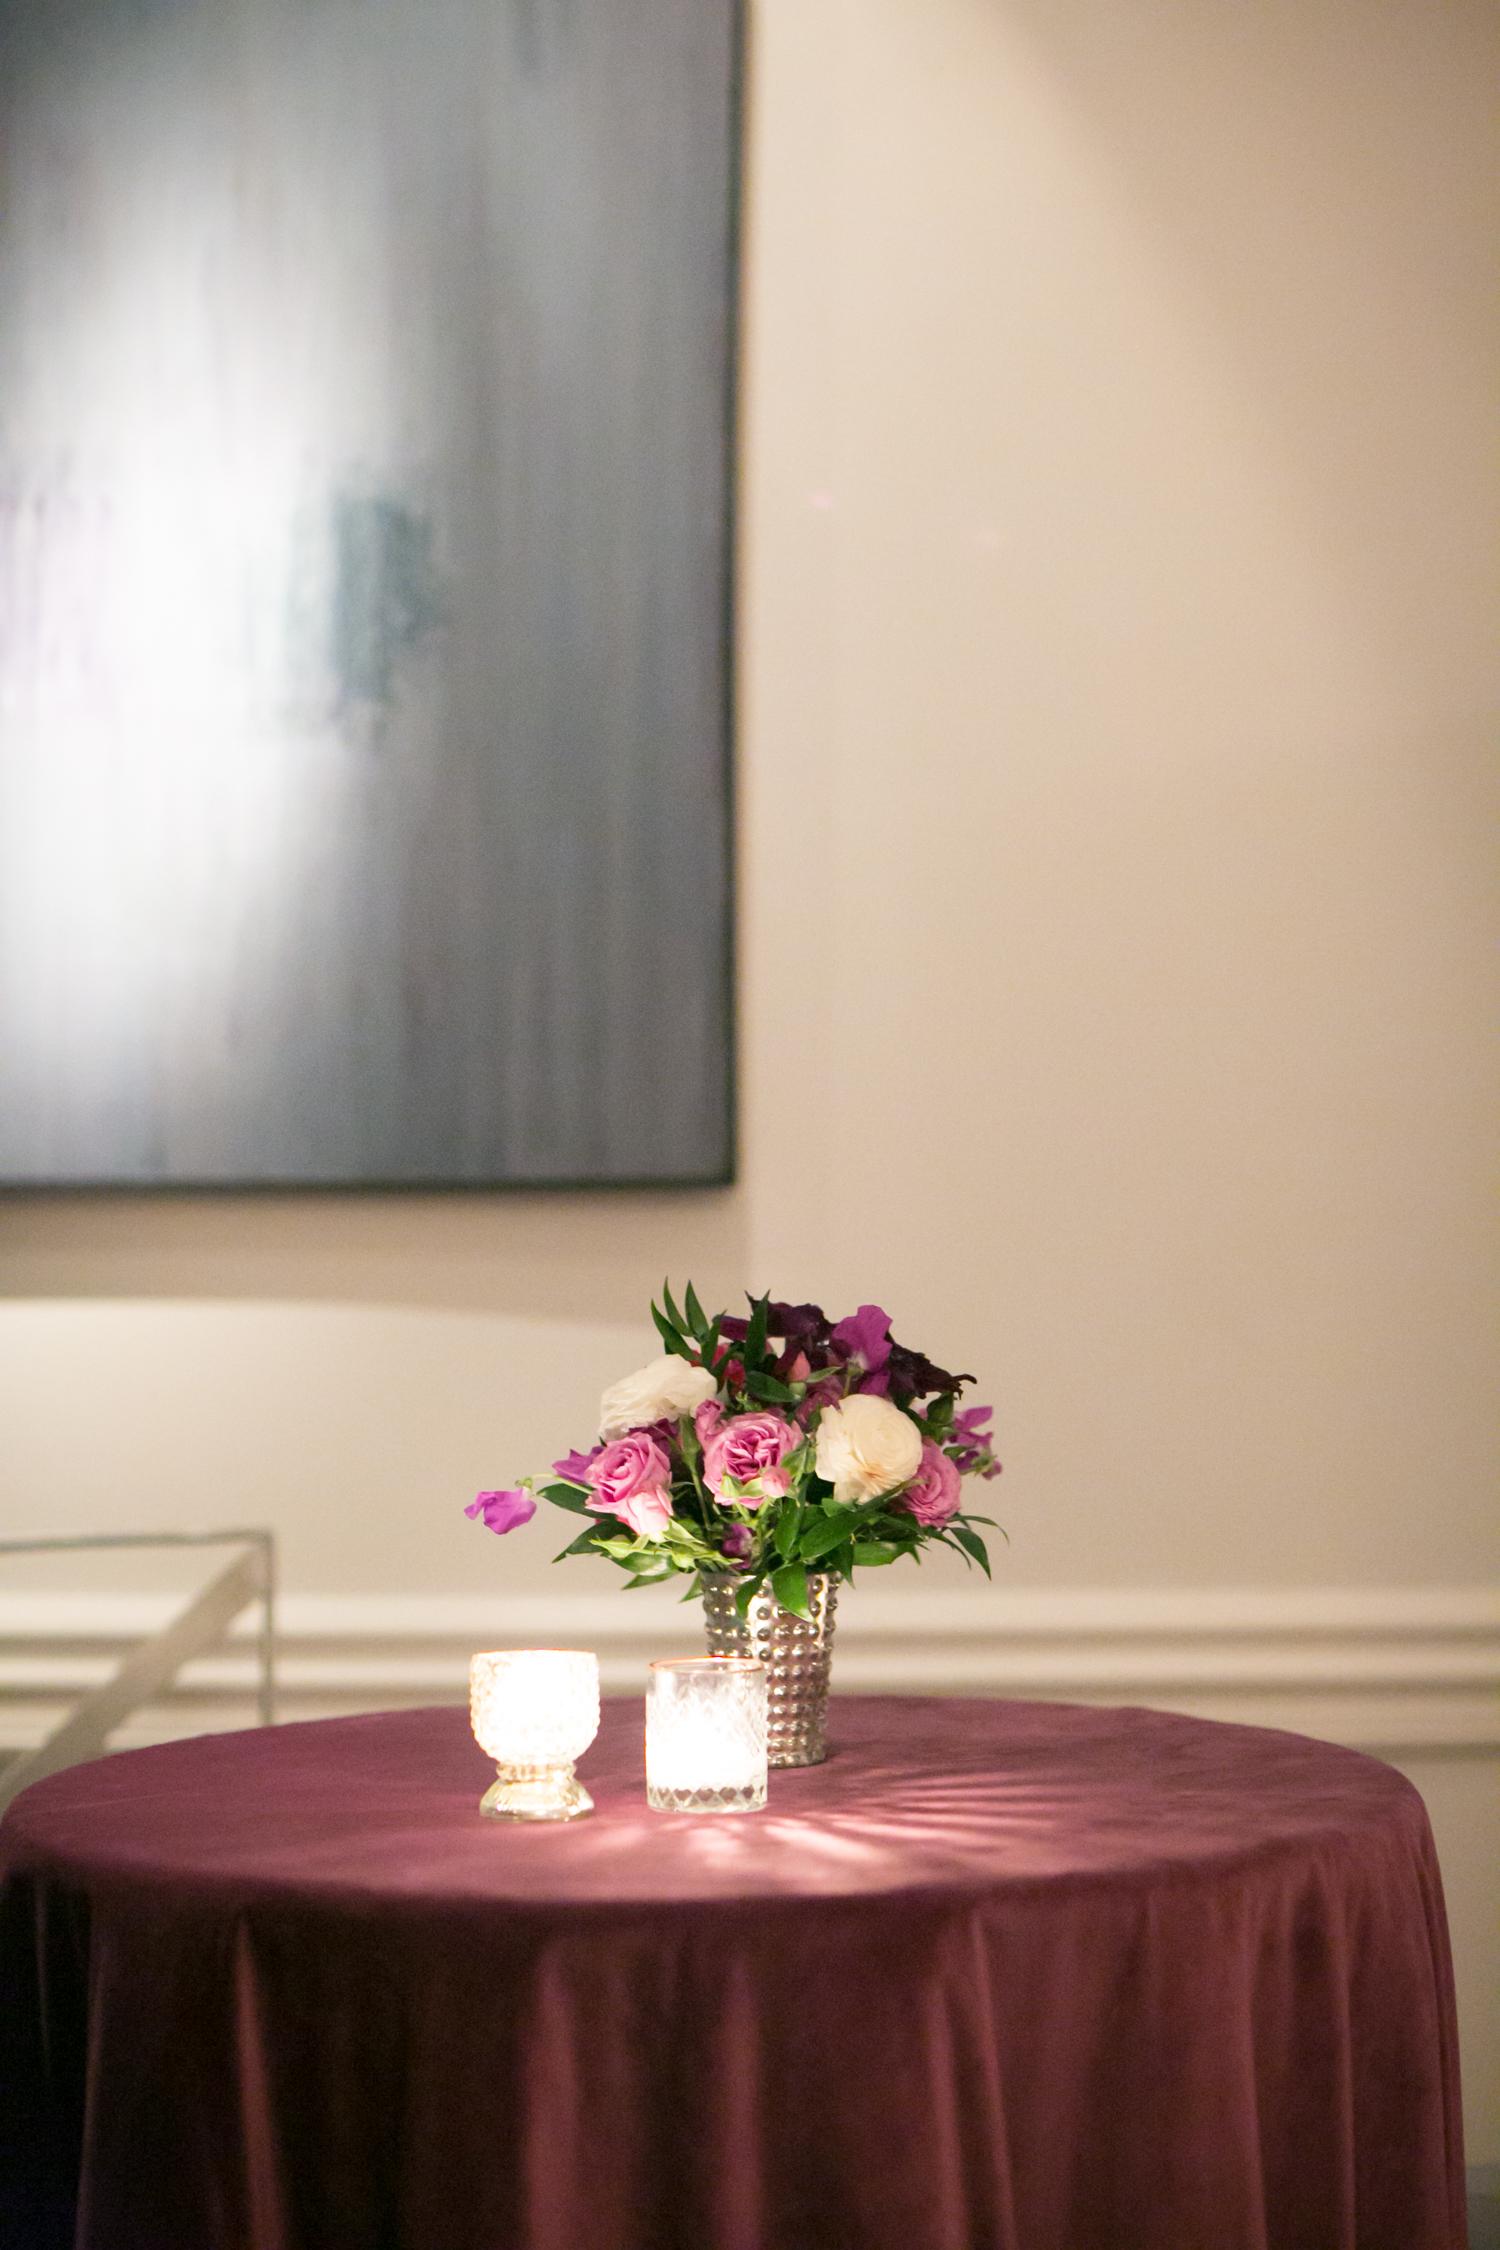 ultra-violet-cocktail-table-magnolia-event-design-miki-and-sonja-melisse.jpg